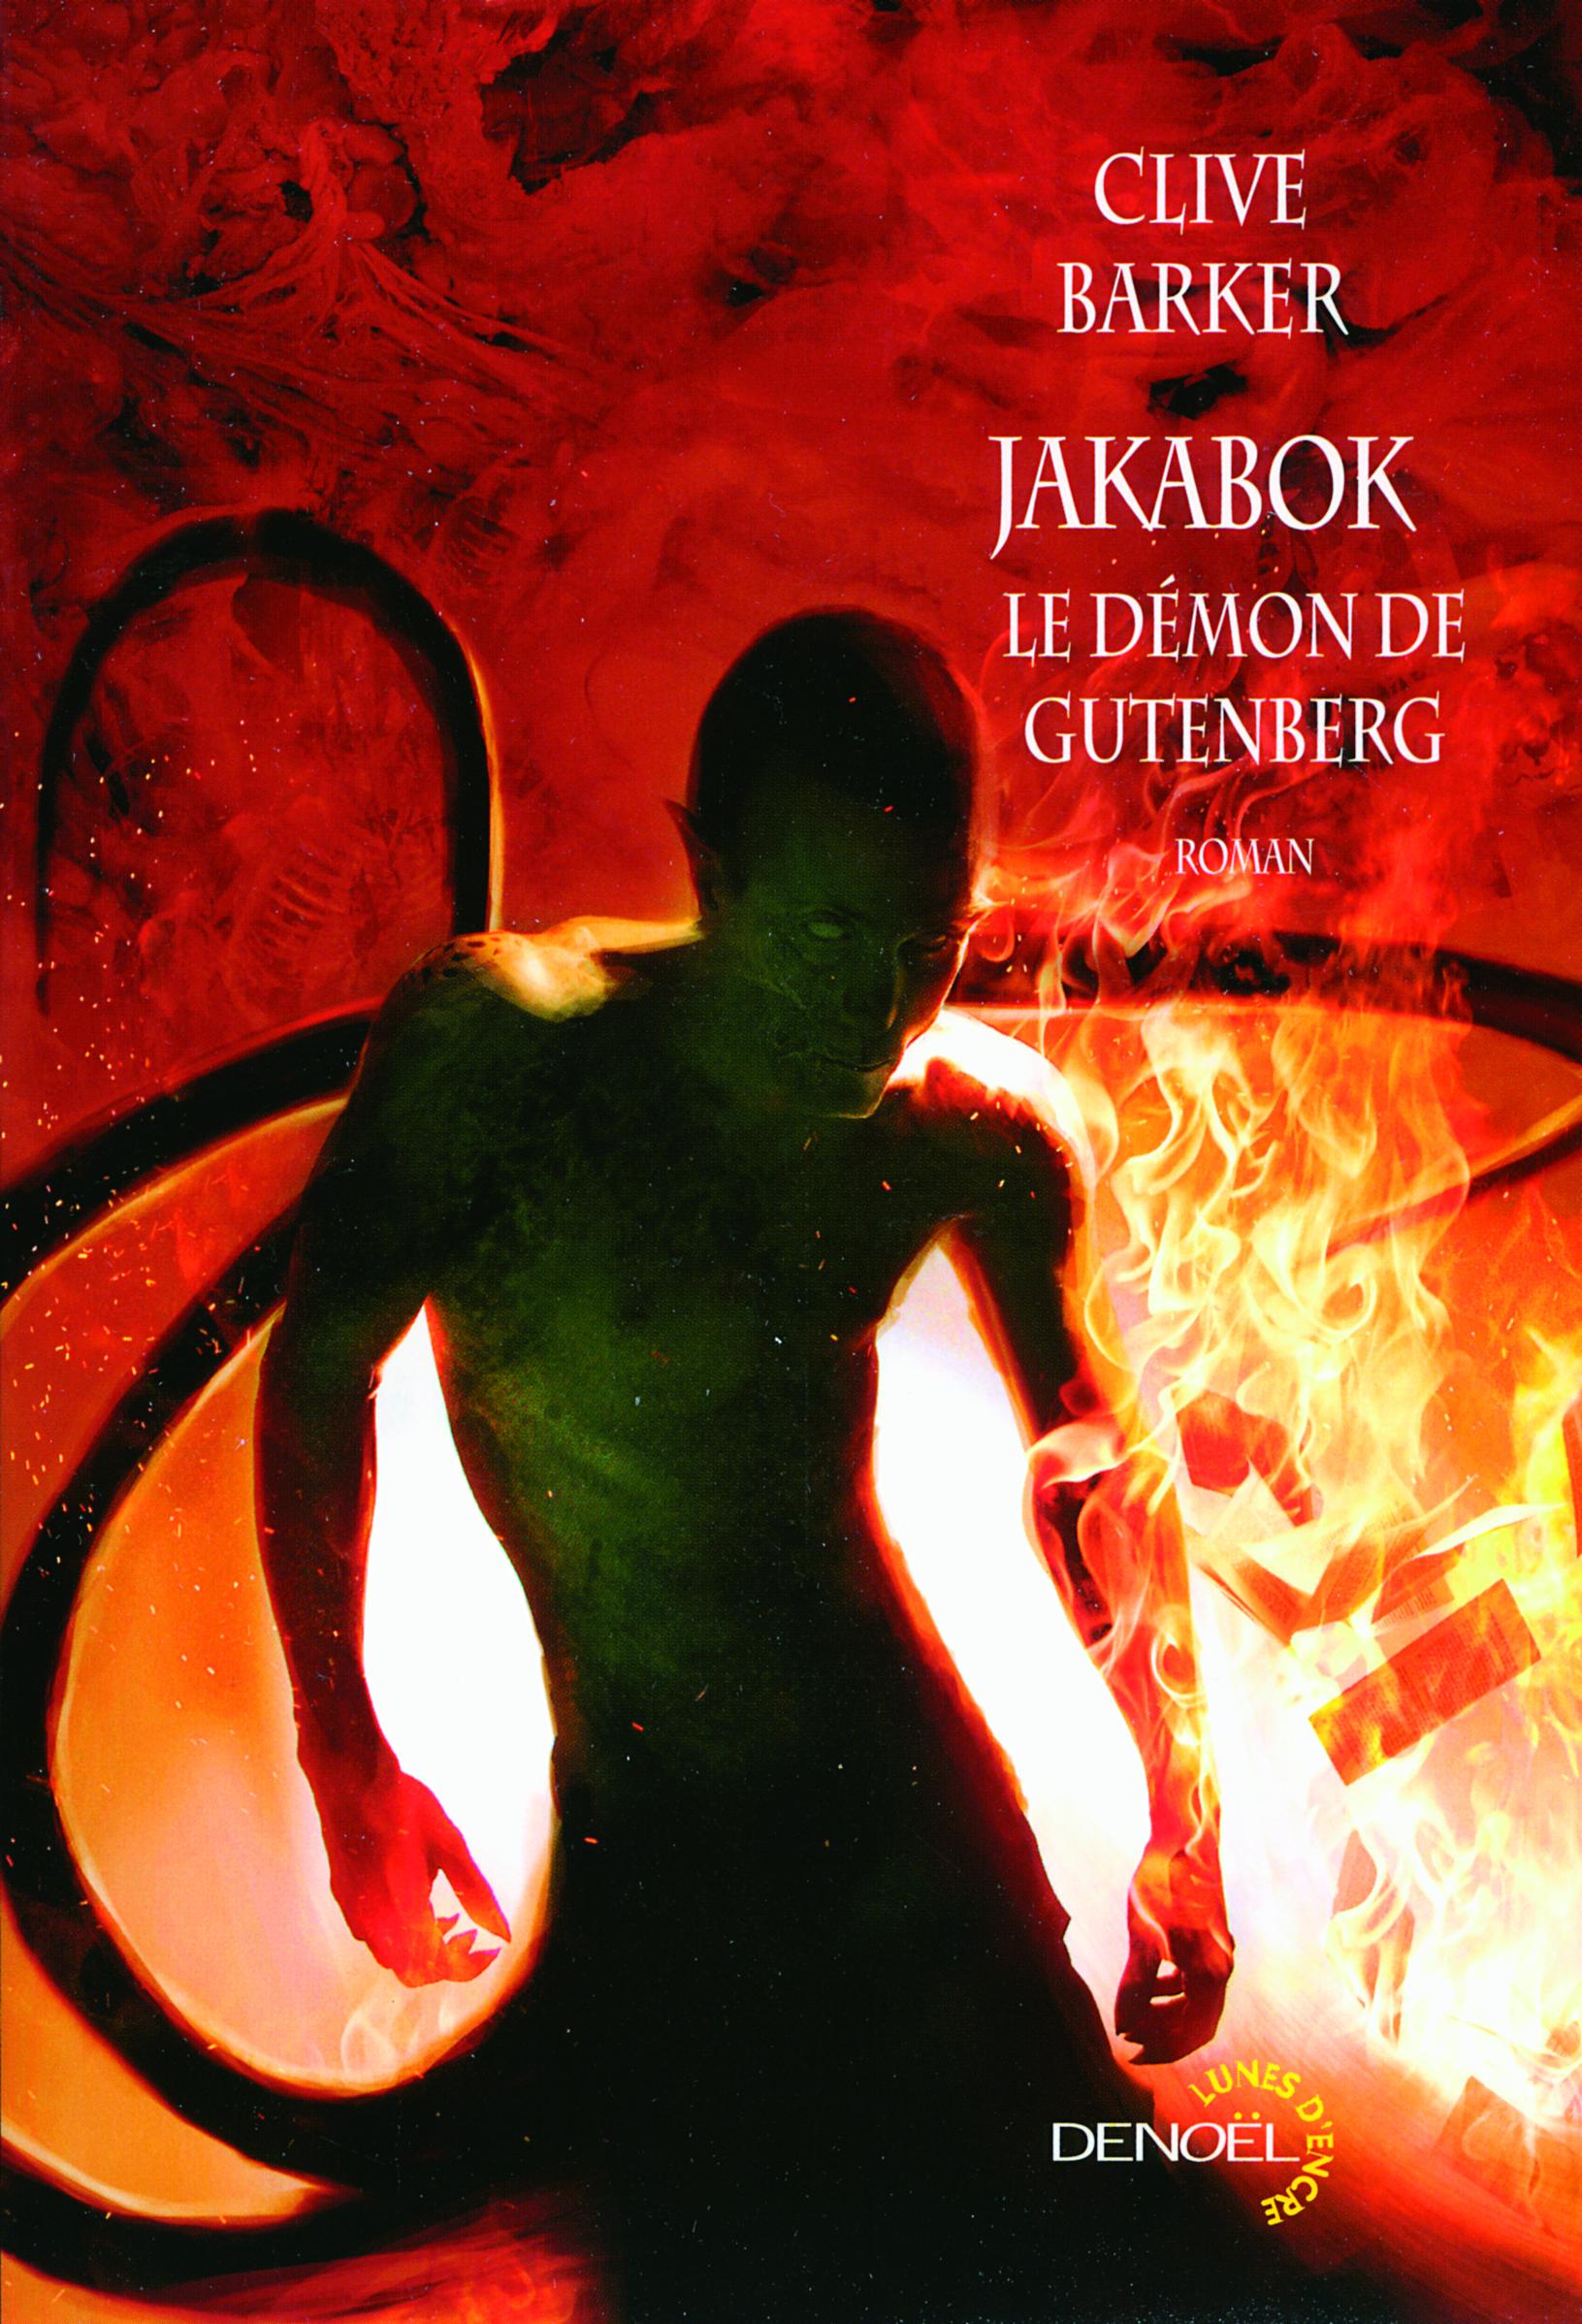 JAKABOK LE DEMON DE GUTENBERG